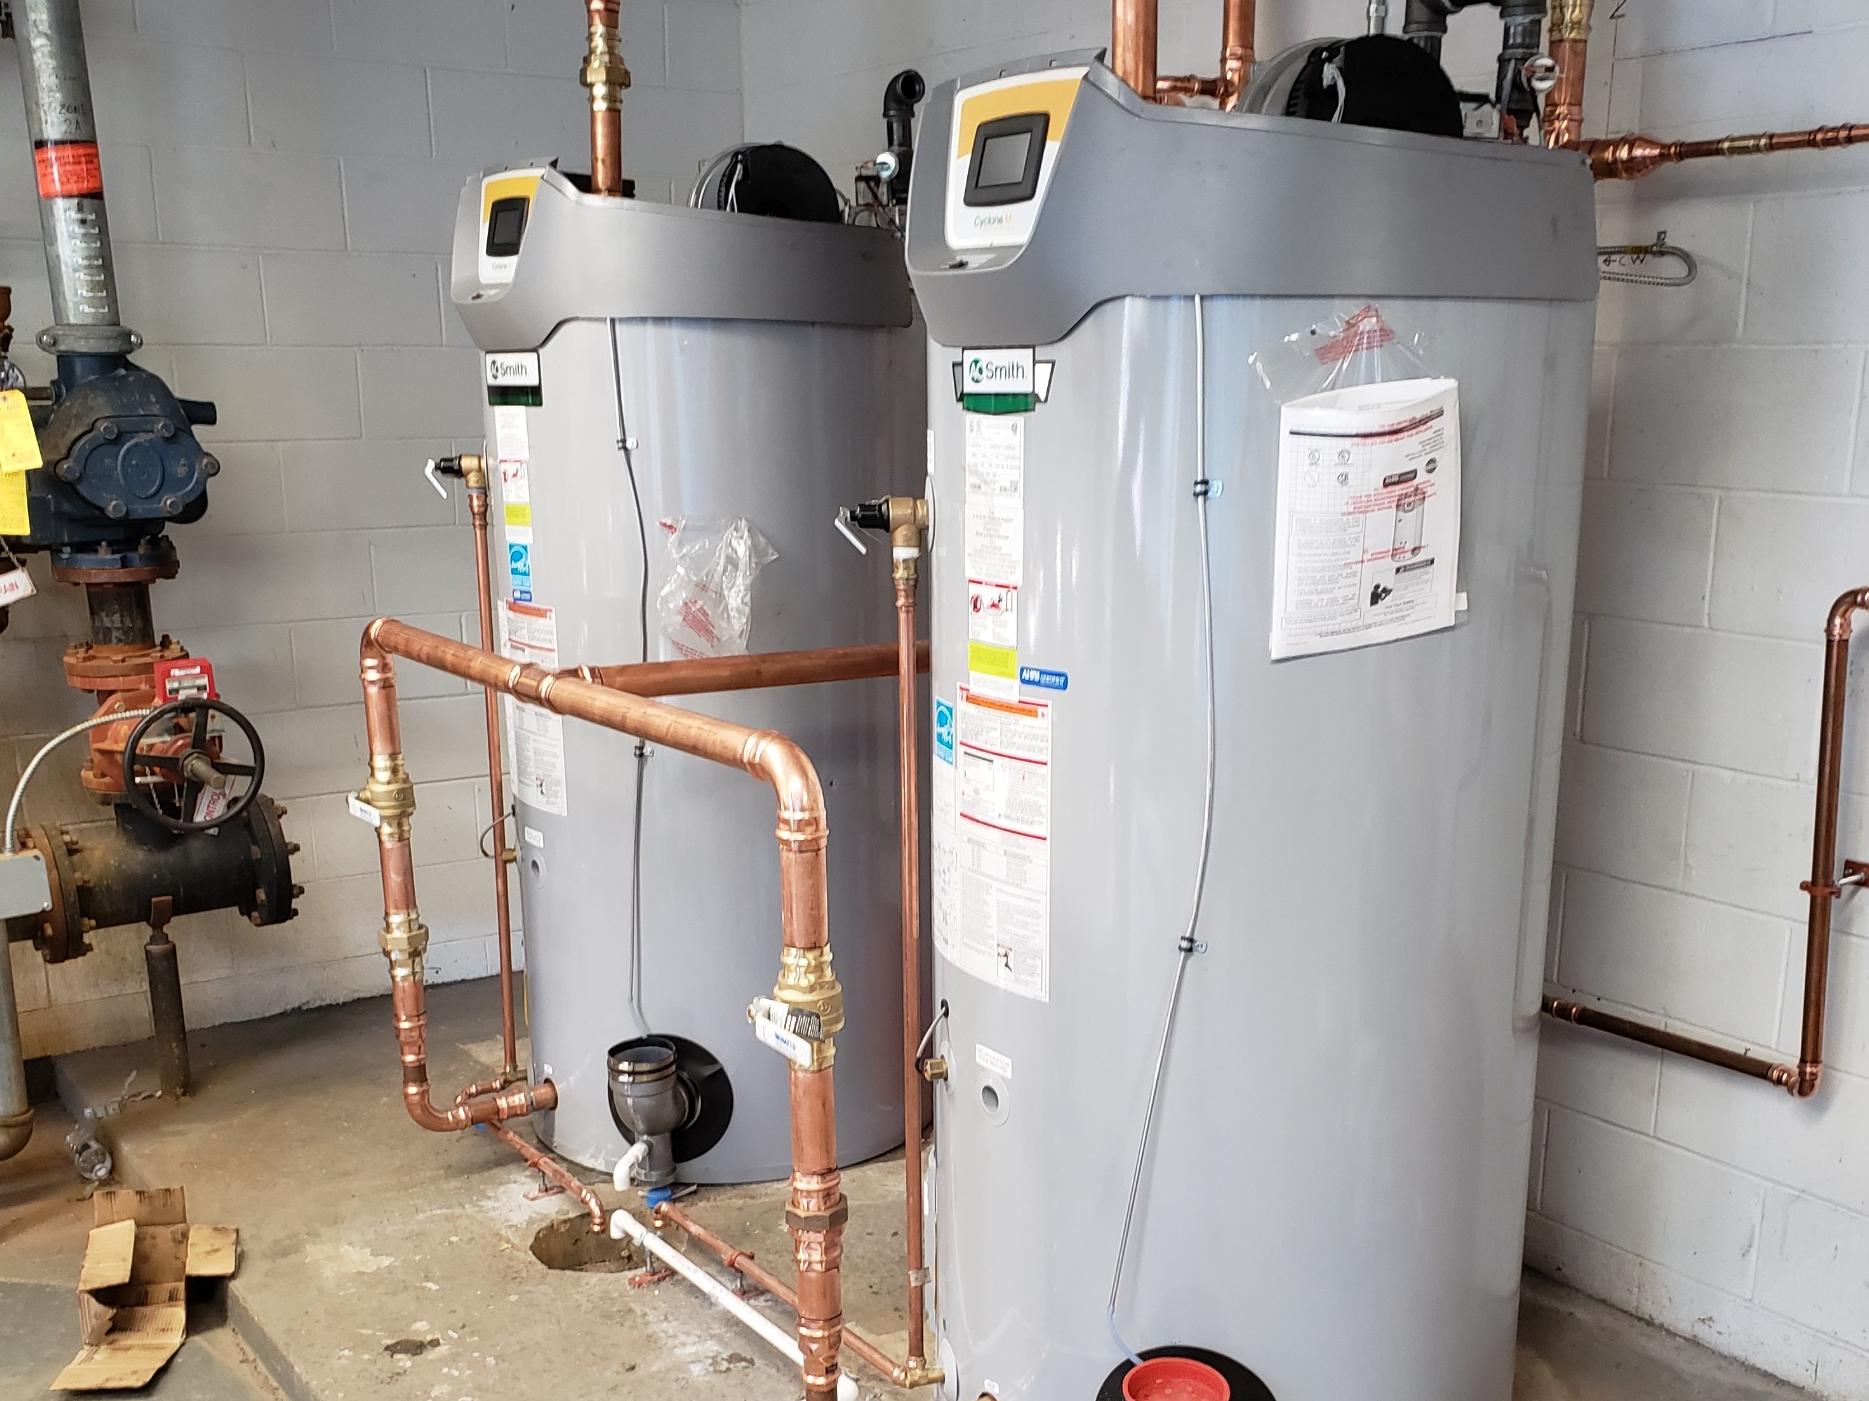 Citta water heaters